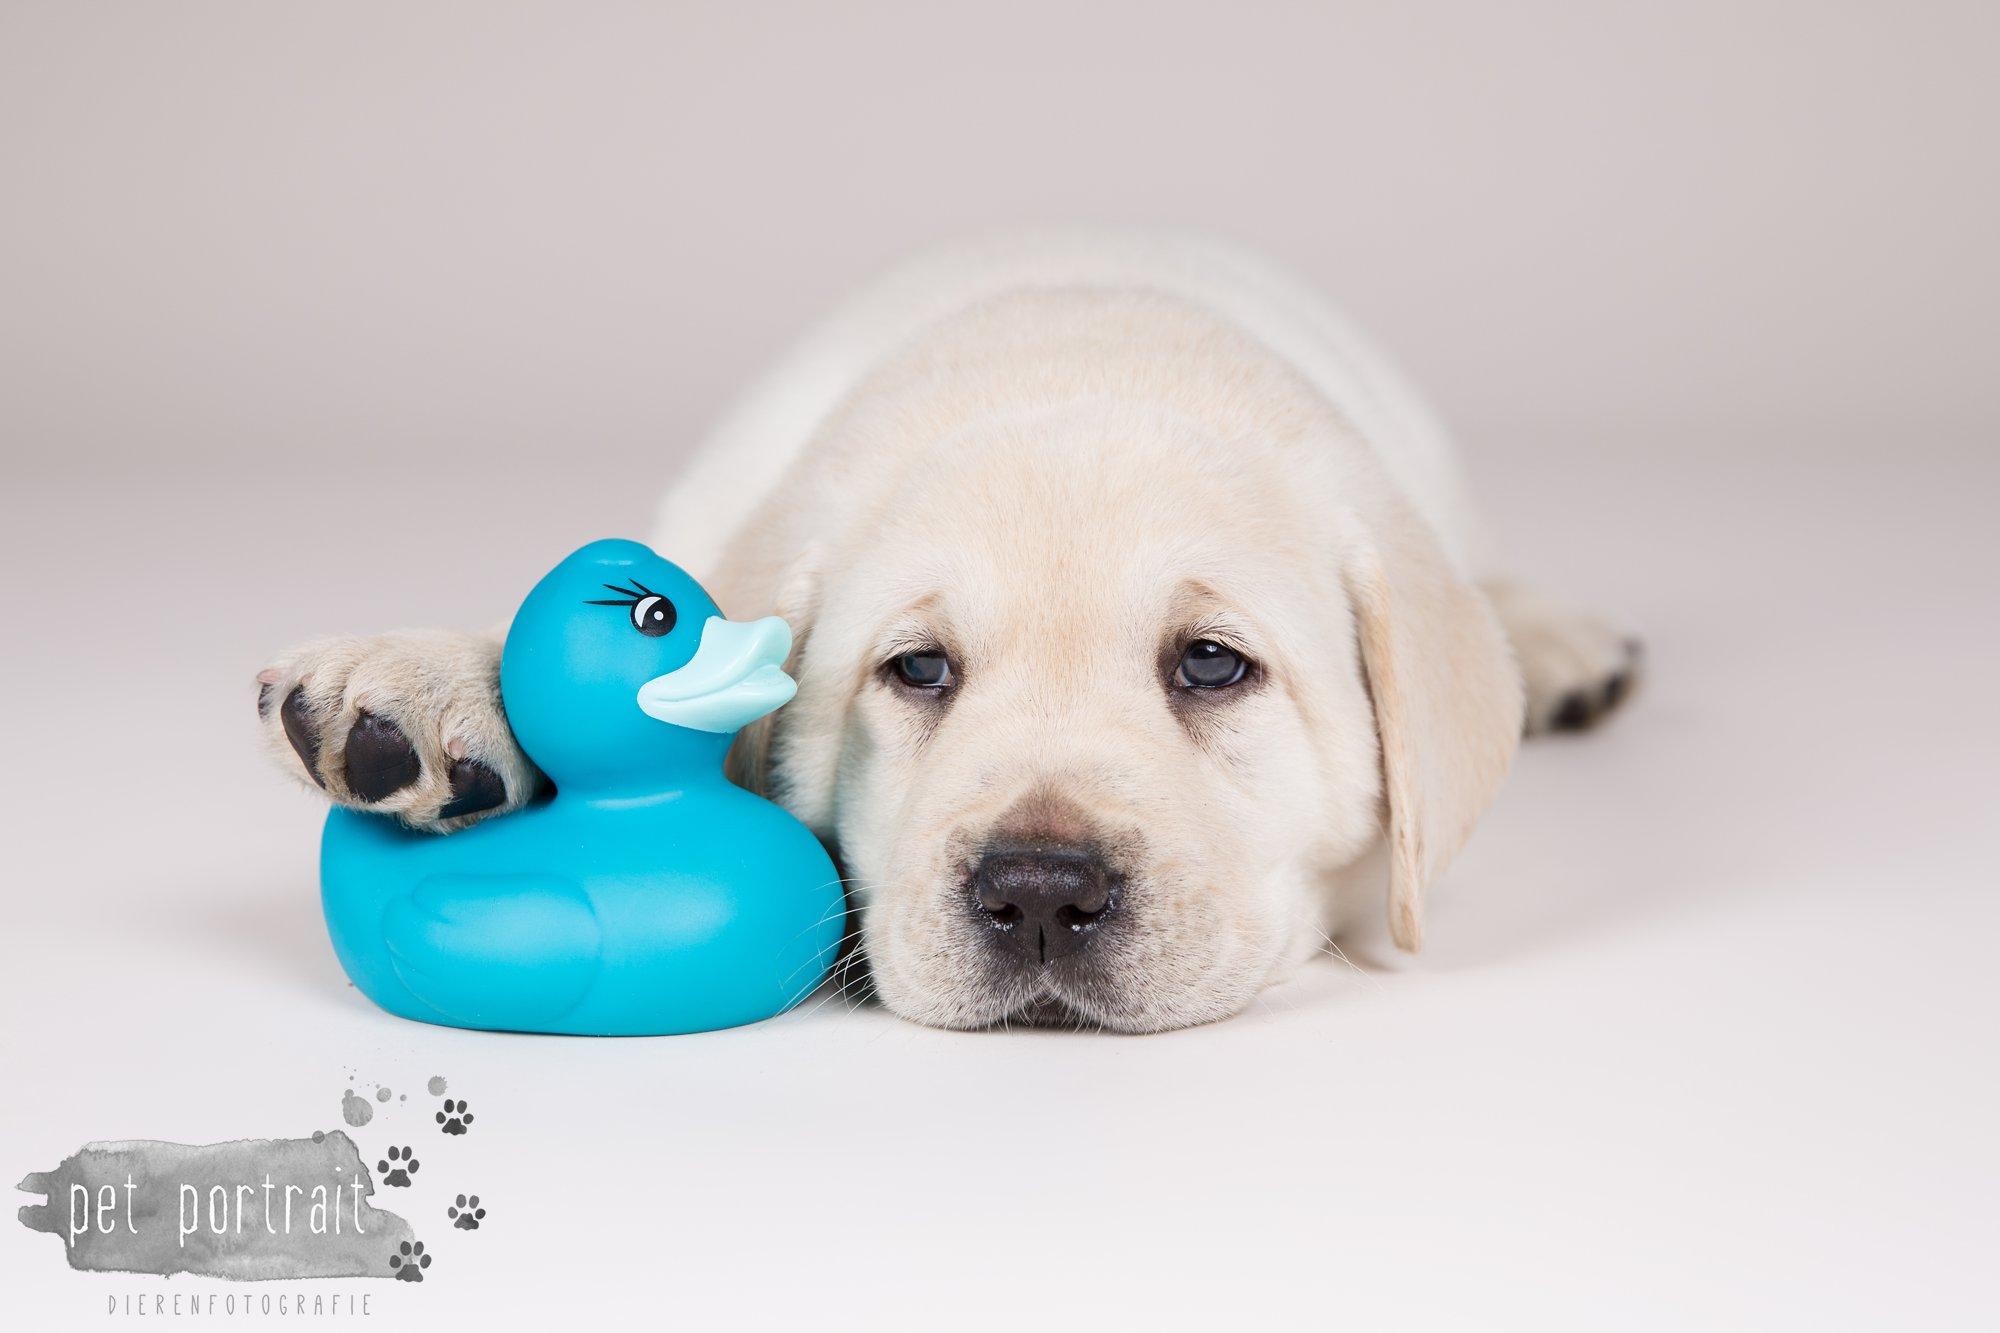 Hondenfotograaf Hillegom - Nestfotoshoot voor Labrador pups-8